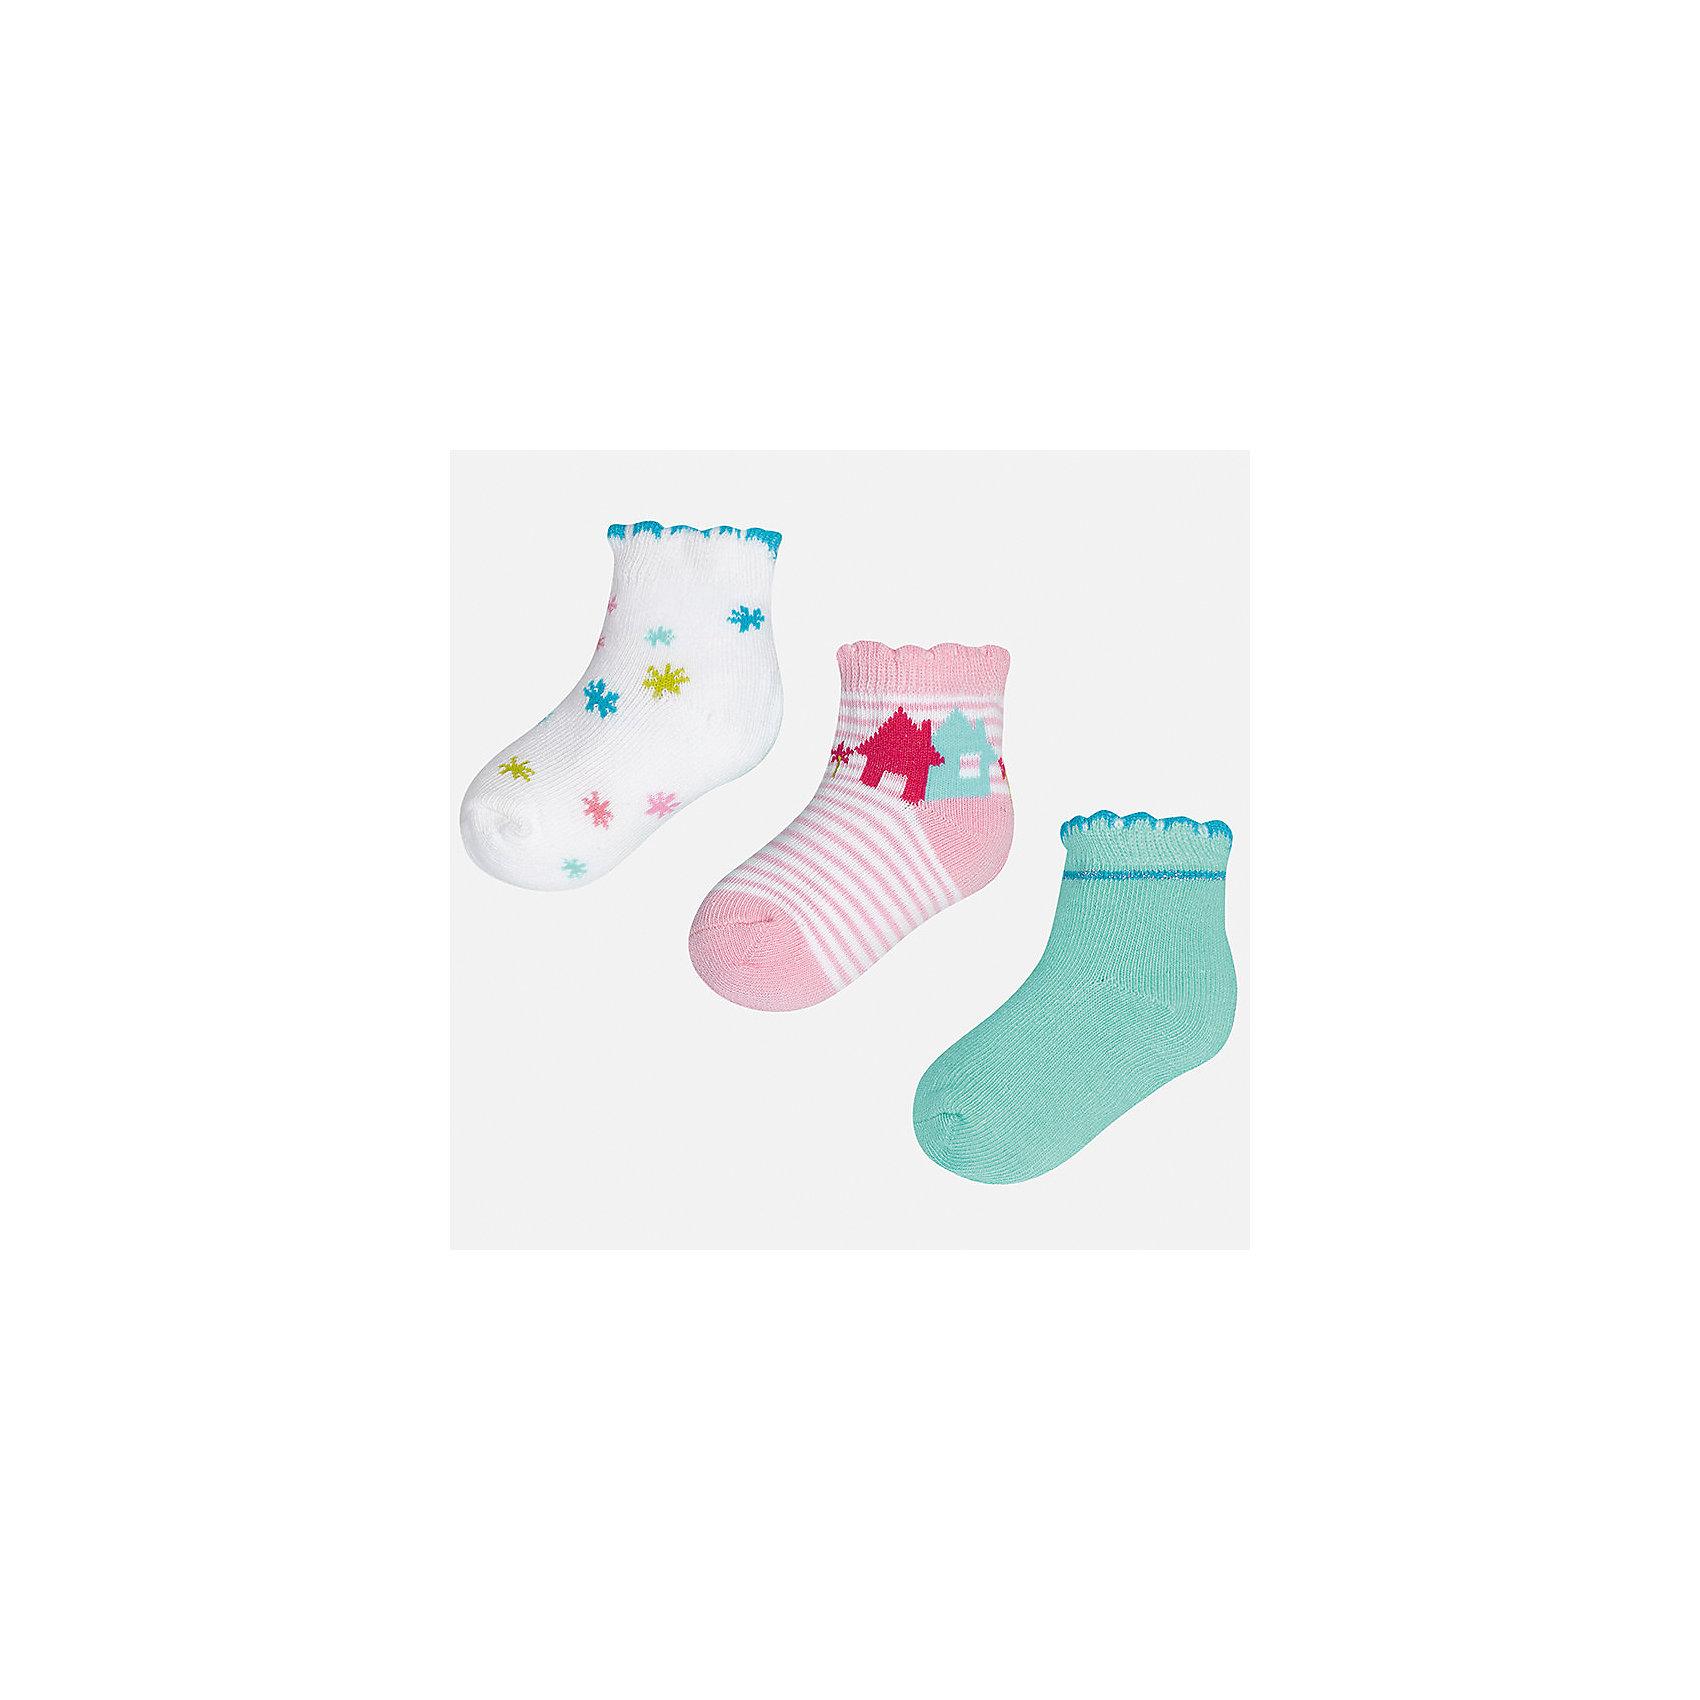 Носки для девочки MayoralНоски<br>Характеристики товара:<br><br>• цвет: белый/розовый/зеленый<br>• состав: 68% хлопок, 28% полиамид, 4% эластан<br>• комплектация: 3 пары<br>• мягкая ажурная резинка<br>• эластичный материал<br>• декорированы рисунком<br>• страна бренда: Испания<br><br>Красивые и удобные носки для девочки помогут обеспечить ребенку комфорт и дополнить наряд. Универсальный цвет позволяет надевать их под обувь разных расцветок. Носки удобно сидят на ноге и красиво смотрятся. В составе материала - натуральный хлопок, гипоаллергенный, приятный на ощупь, дышащий. <br><br>Одежда, обувь и аксессуары от испанского бренда Mayoral полюбились детям и взрослым по всему миру. Модели этой марки - стильные и удобные. Для их производства используются только безопасные, качественные материалы и фурнитура. Порадуйте ребенка модными и красивыми вещами от Mayoral! <br><br>Носки для девочки от испанского бренда Mayoral (Майорал) можно купить в нашем интернет-магазине.<br><br>Ширина мм: 87<br>Глубина мм: 10<br>Высота мм: 105<br>Вес г: 115<br>Цвет: голубой<br>Возраст от месяцев: 12<br>Возраст до месяцев: 18<br>Пол: Женский<br>Возраст: Детский<br>Размер: 12,24<br>SKU: 5293397